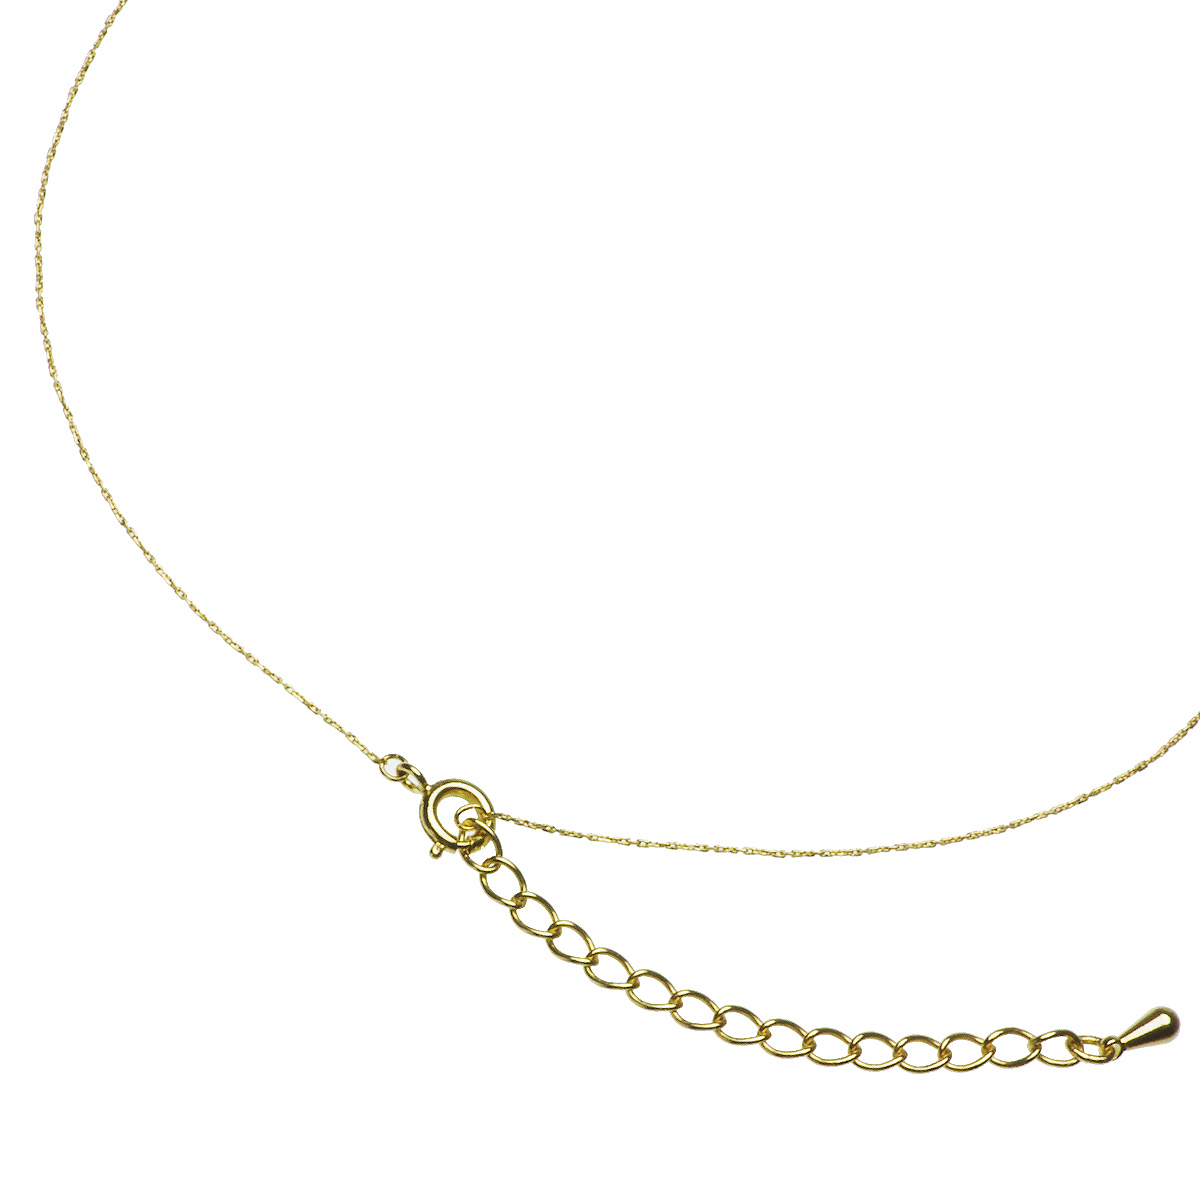 淡水真珠 パールネックレス 約4.0-4.5mm GFの写真